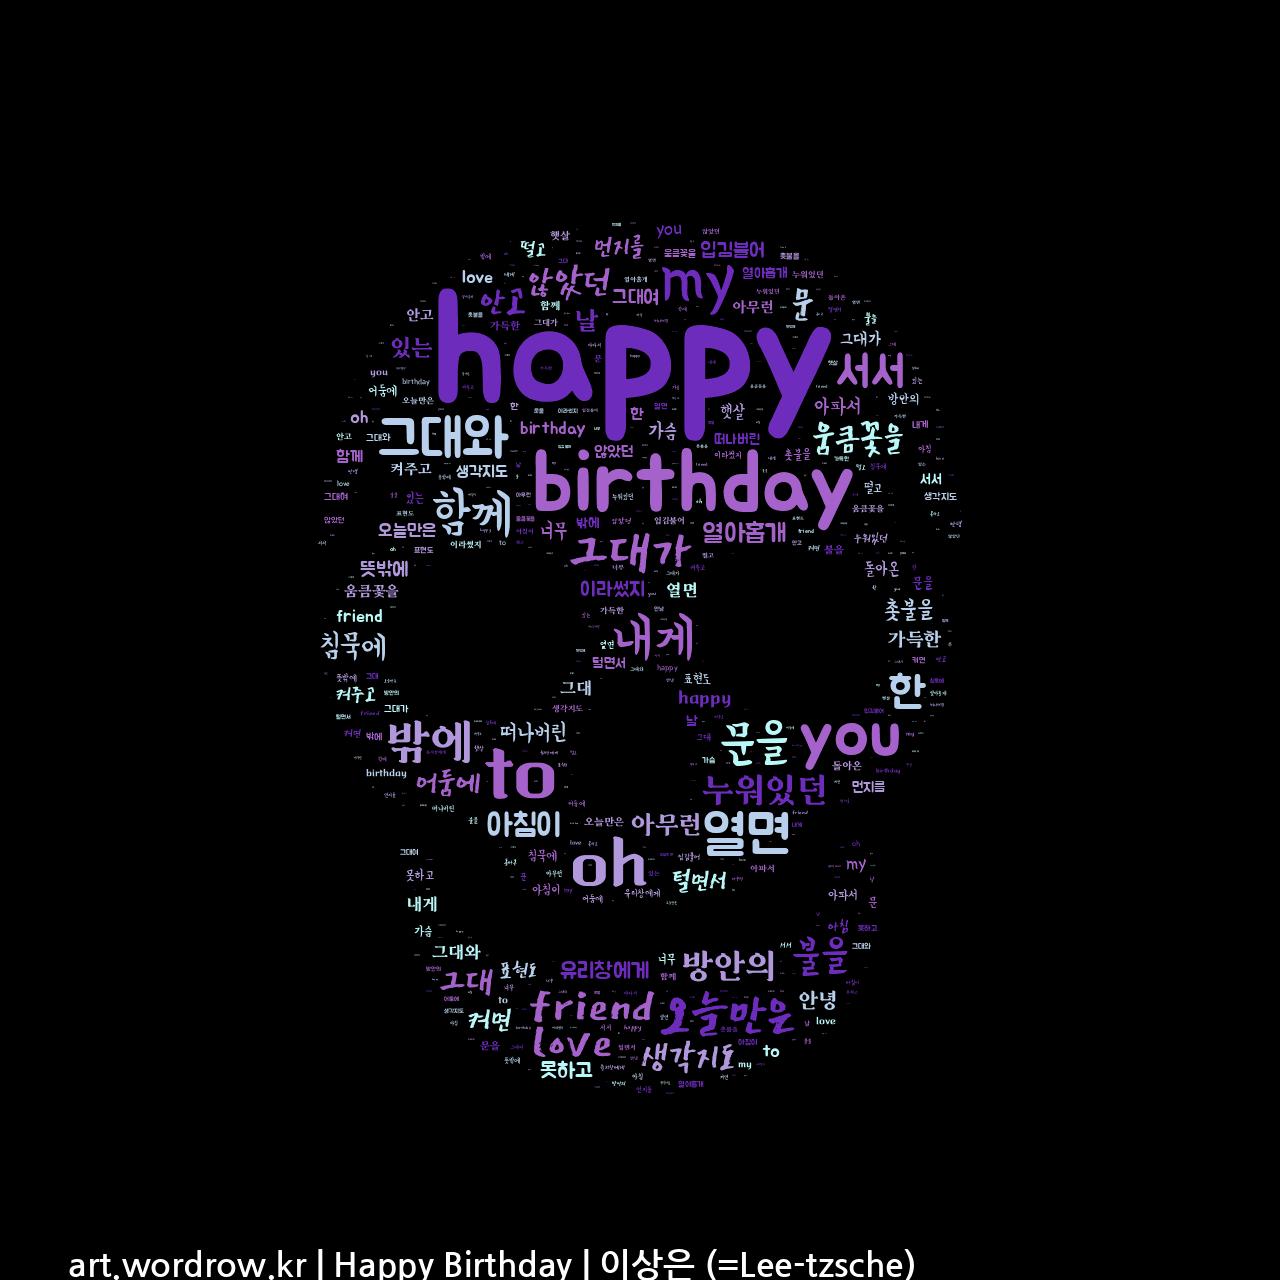 워드 클라우드: Happy Birthday [이상은 (=Lee-tzsche)]-3